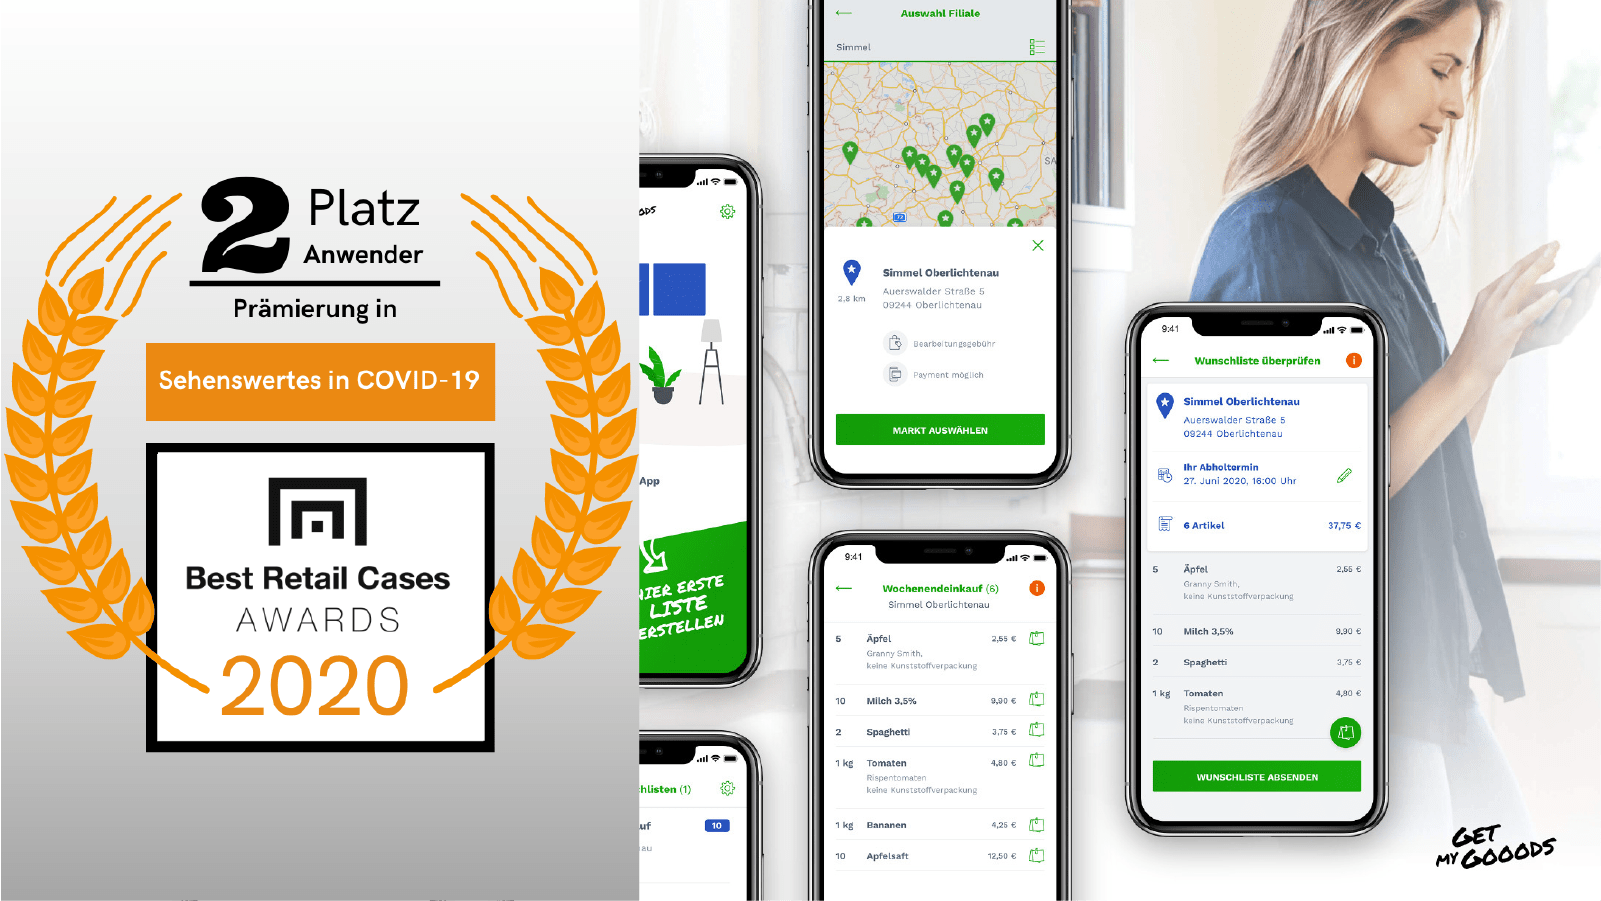 Lösung für mobile Einkäufe und Abholung vor Ort im Geschäft (mit GetMyGooods)